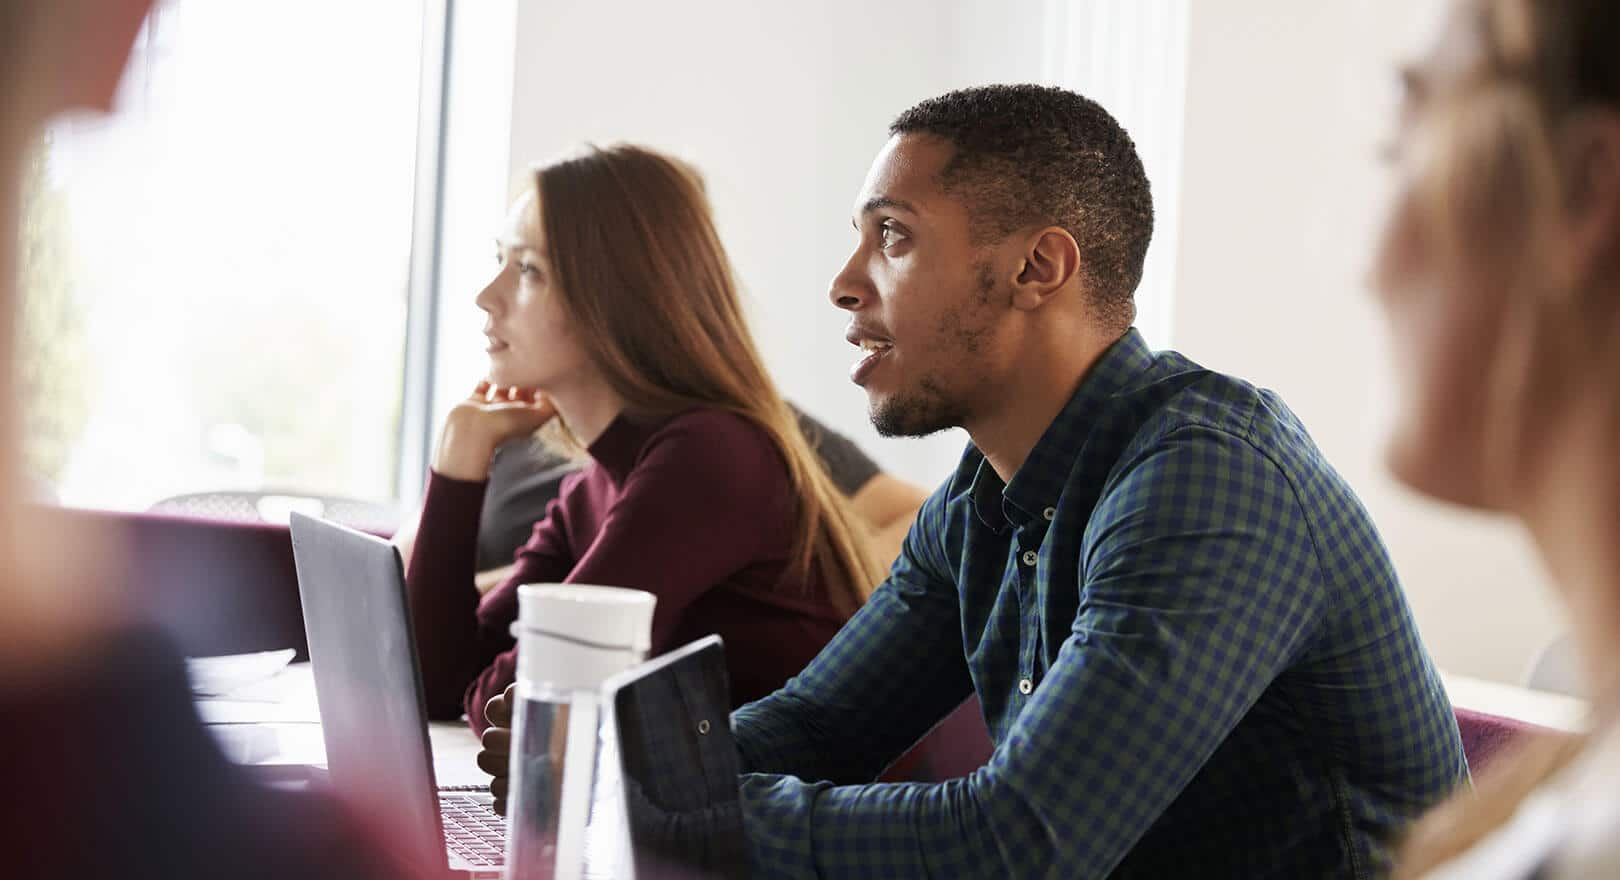 Studienvorbereitender Sprachkurs meist vor dem eigentlichen Studium erforderlich